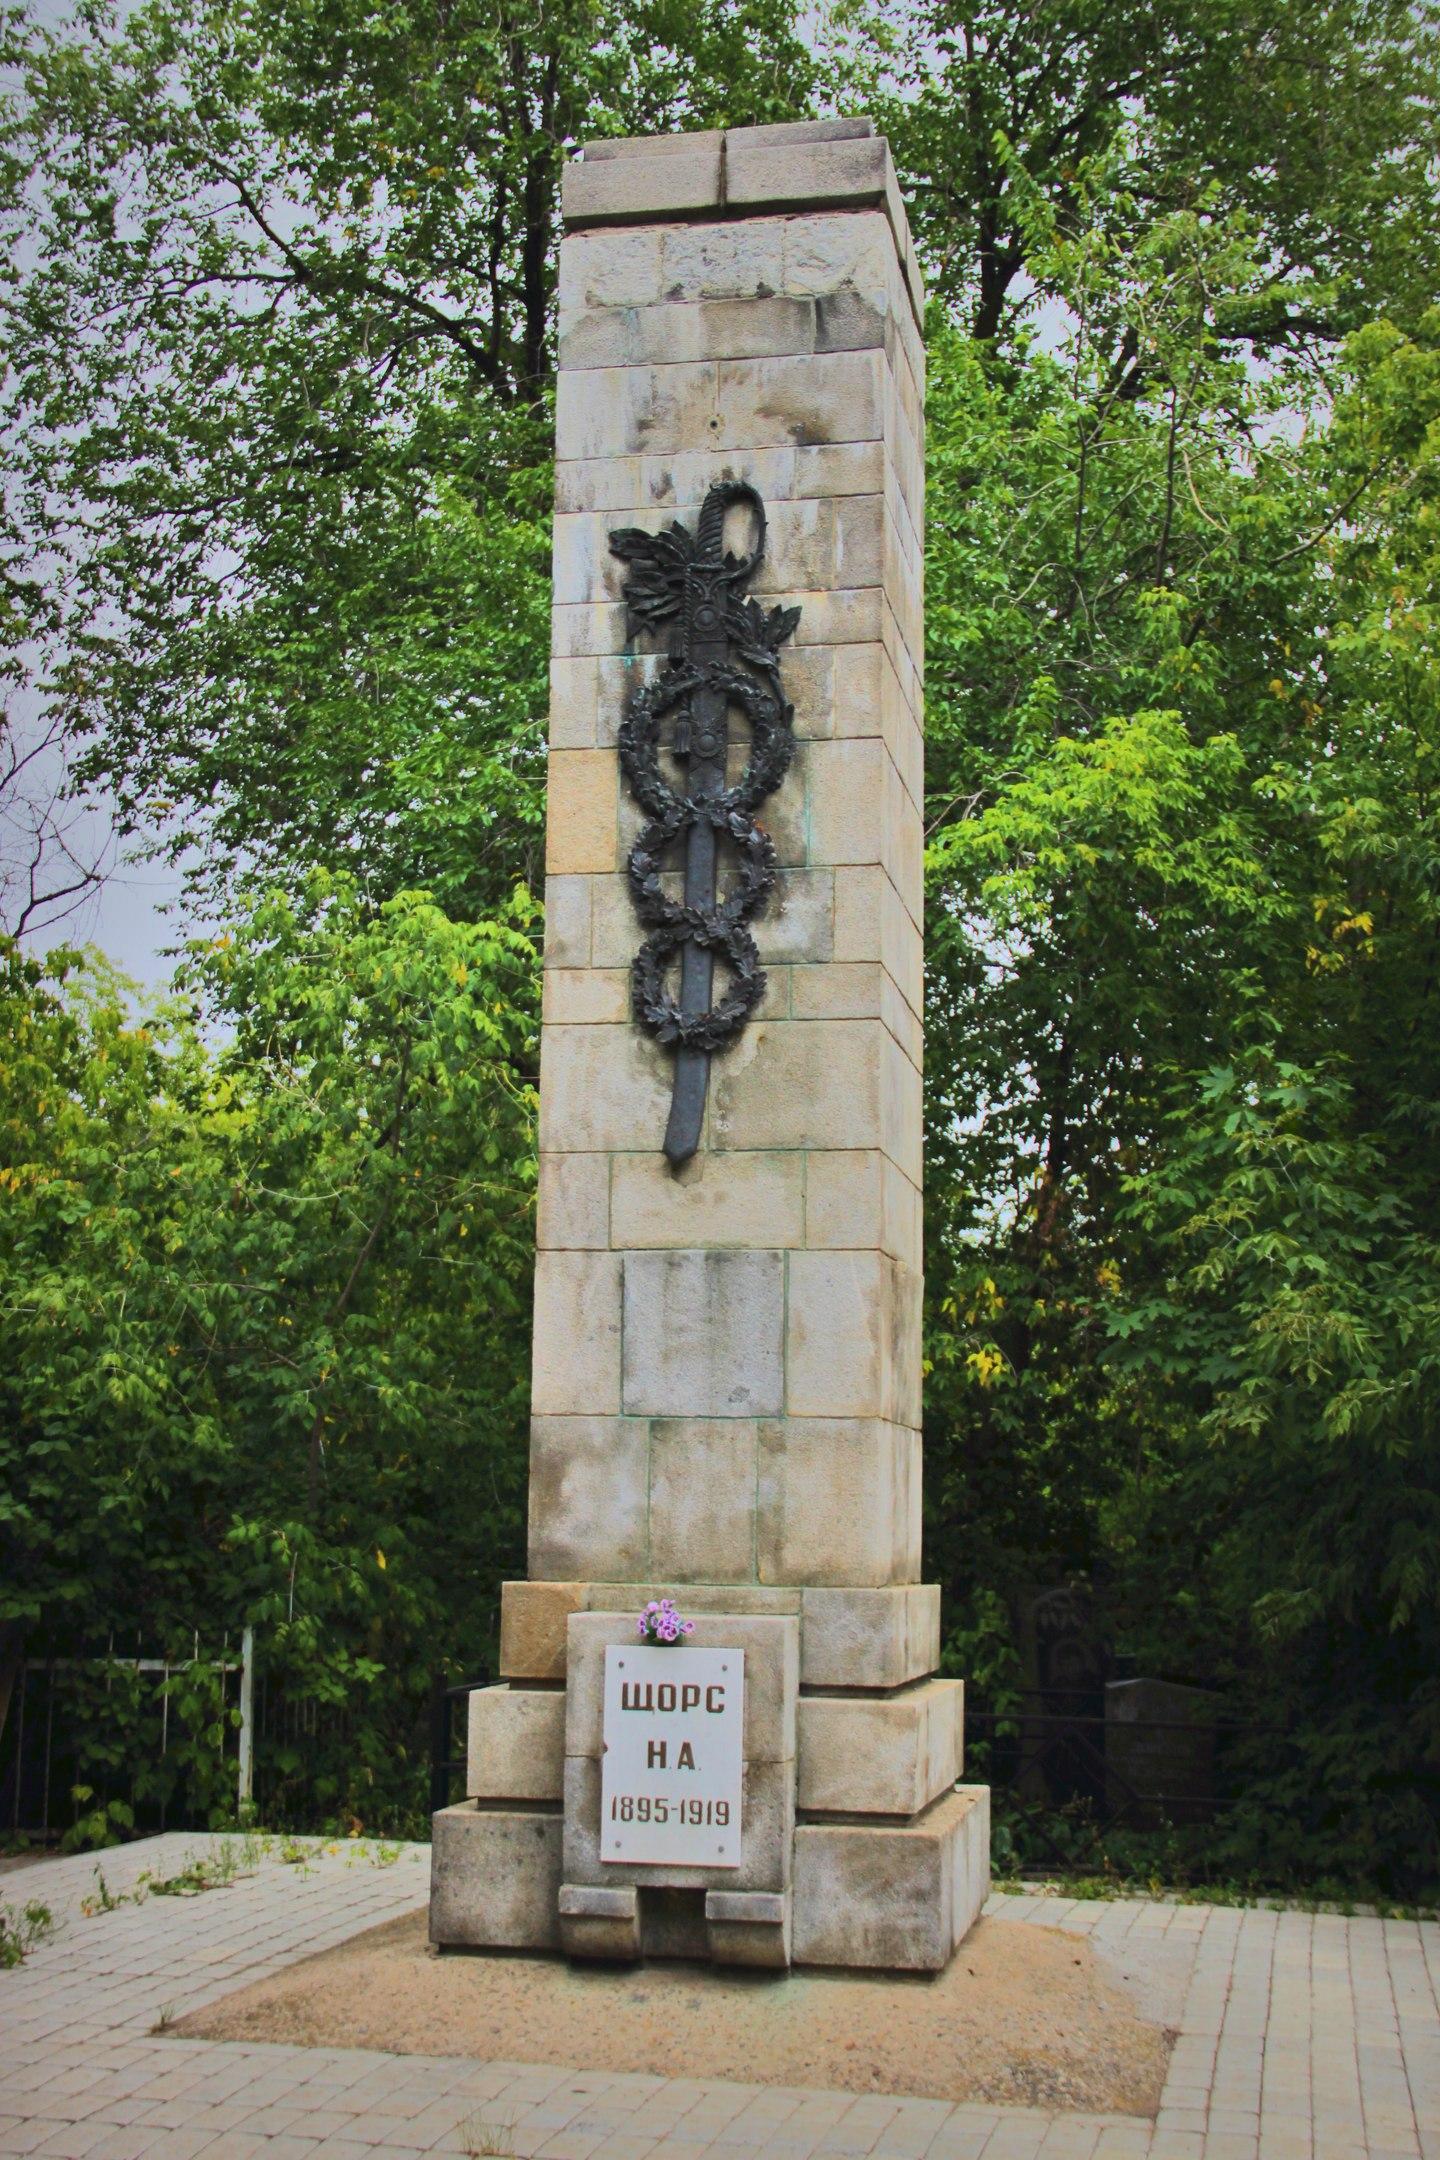 Обелиск на могиле Щорса на Городском кладбище в Самаре